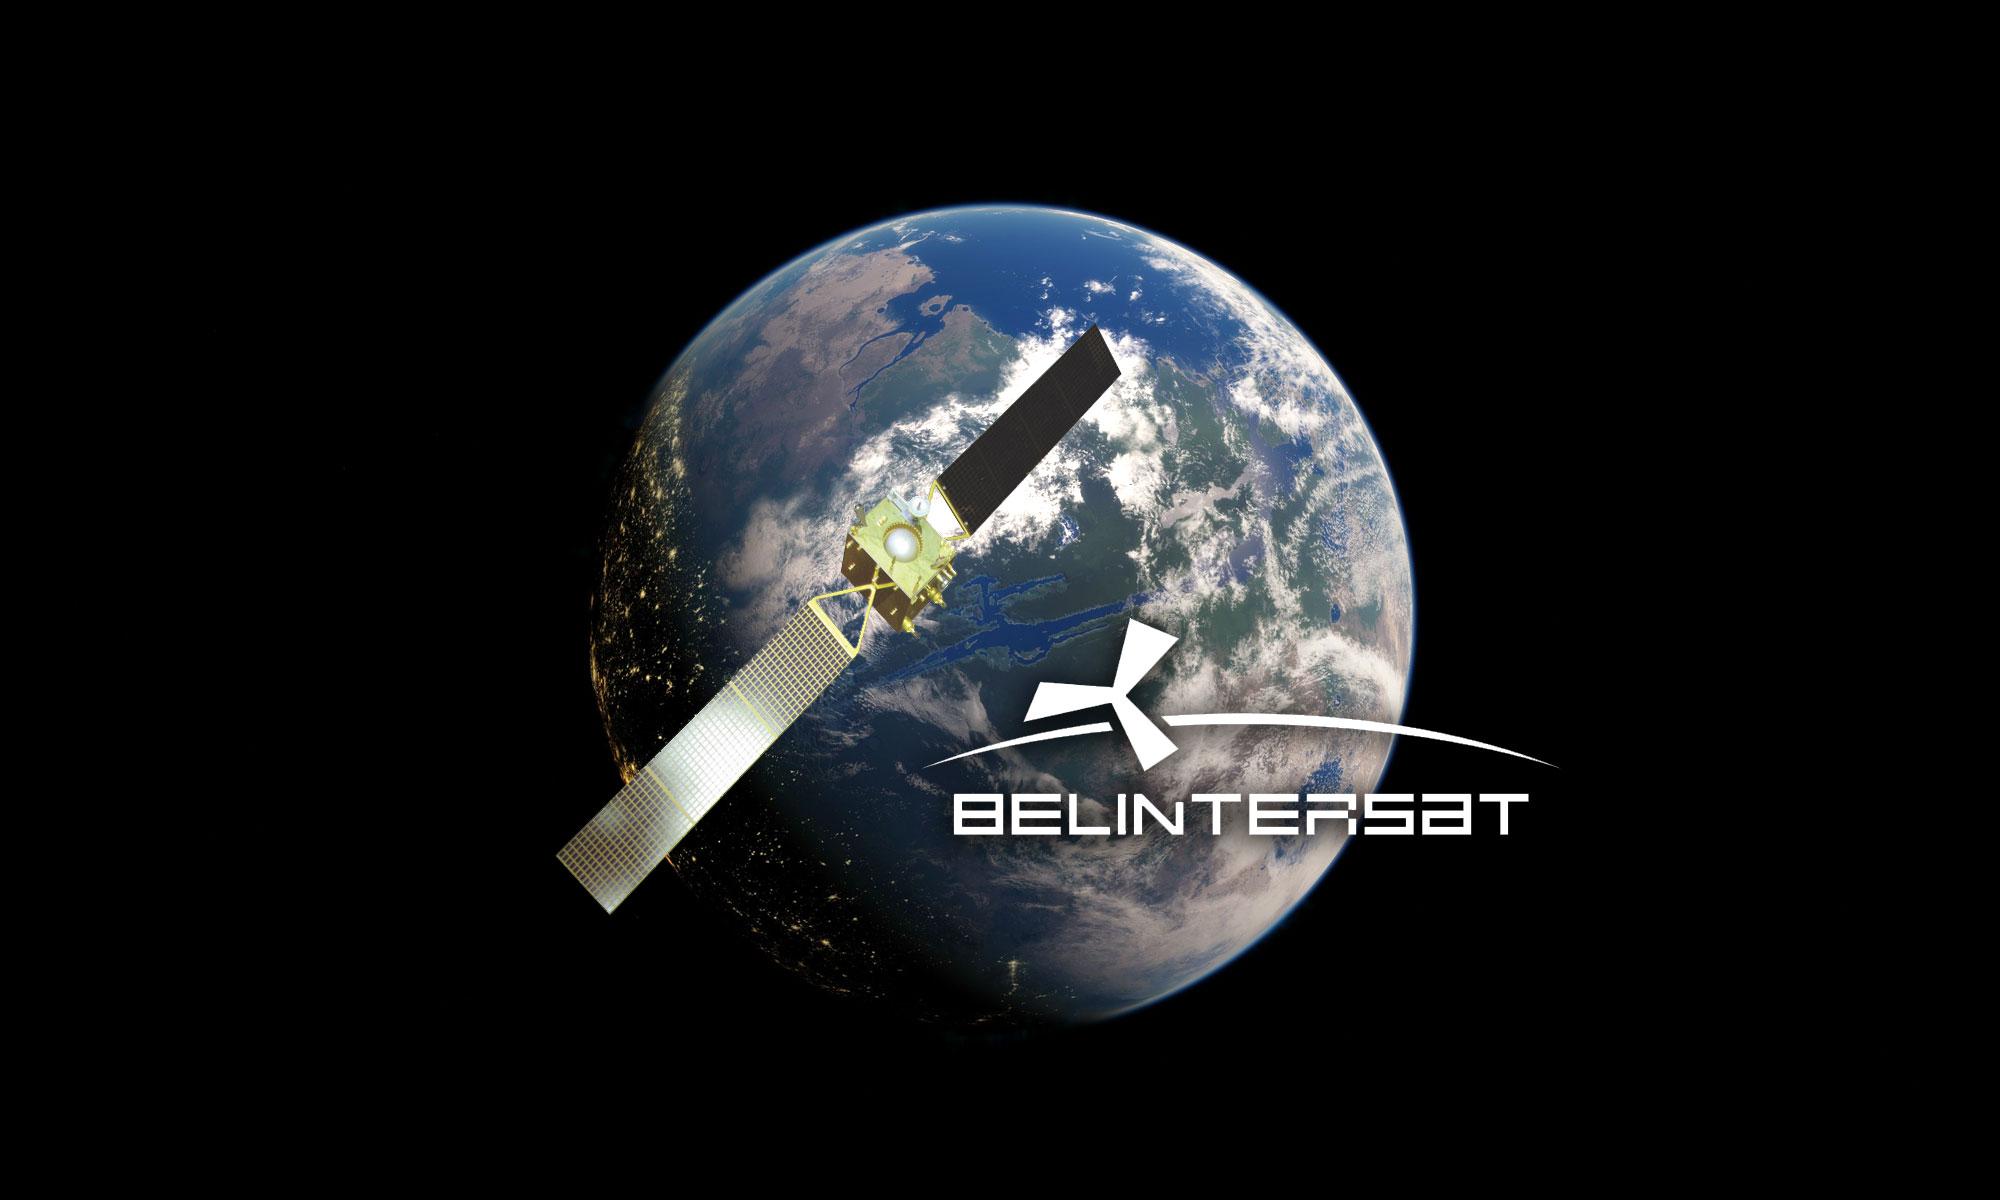 BELINTERSAT-1